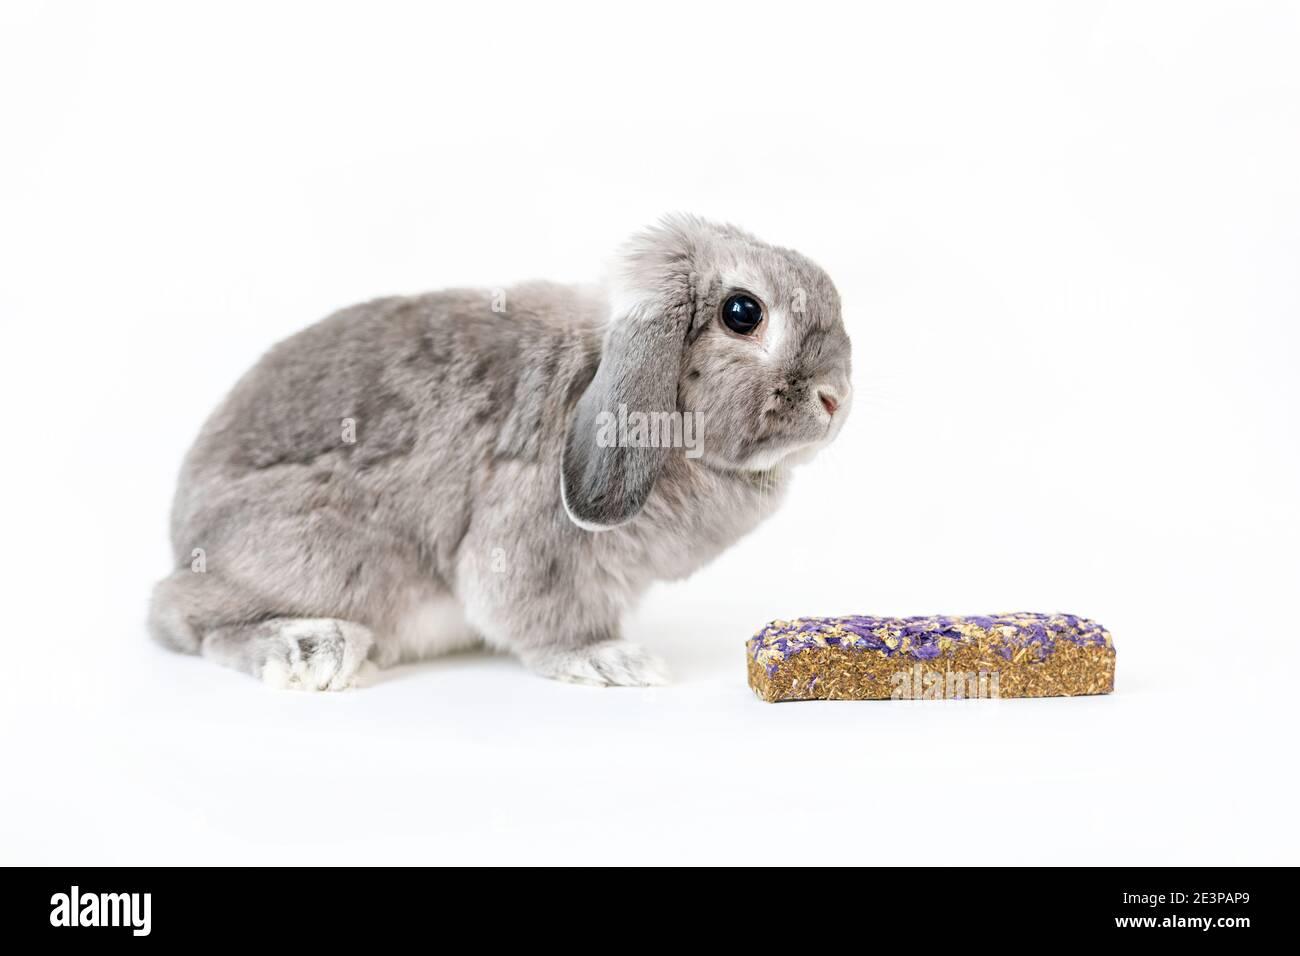 Un pequeño conejo gris decorativo de lop-eared con un pellet cerca. Fondo blanco. El concepto de cuidar a las mascotas. Foto de stock